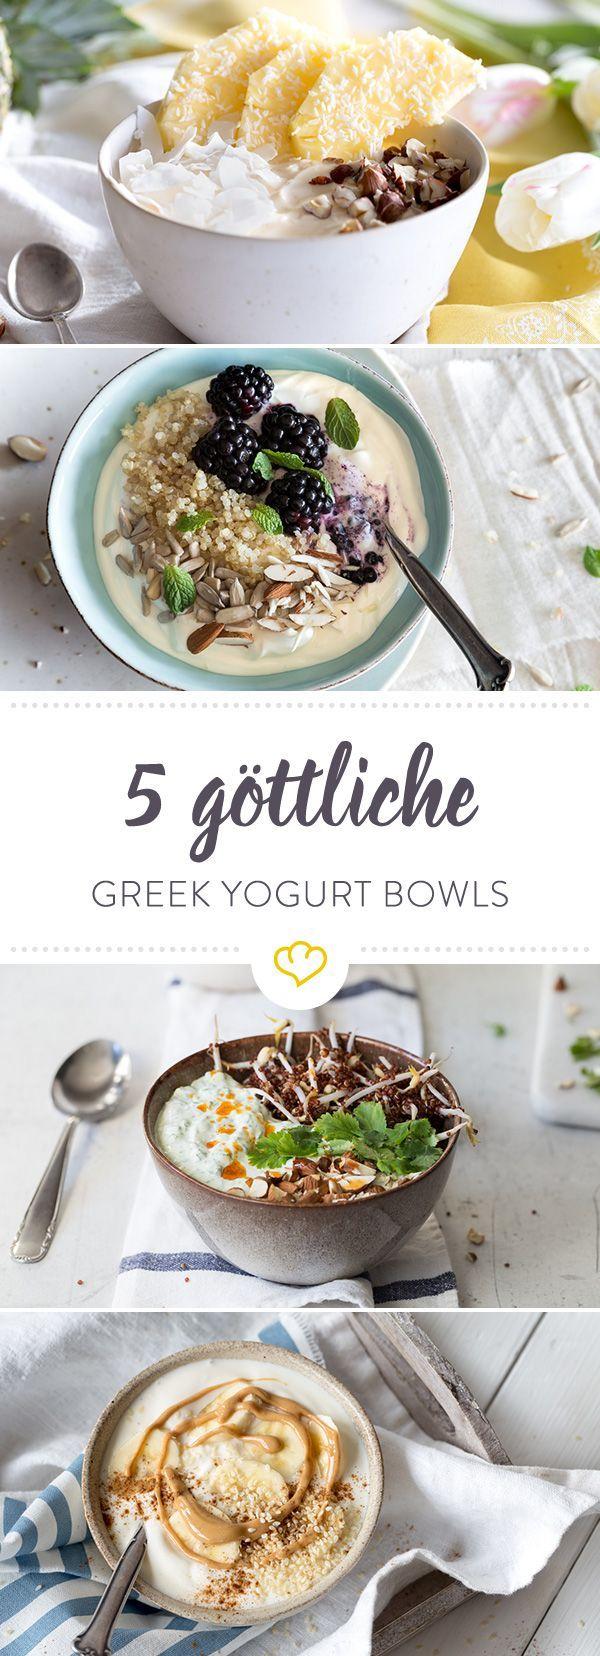 Griechischer Joghurt ist cremig, Kalorienarm und Eiweißreich. Also ein echtes Superfood und wir haben 5 Greek Yogurt Bowls für dich zusammengestellt,